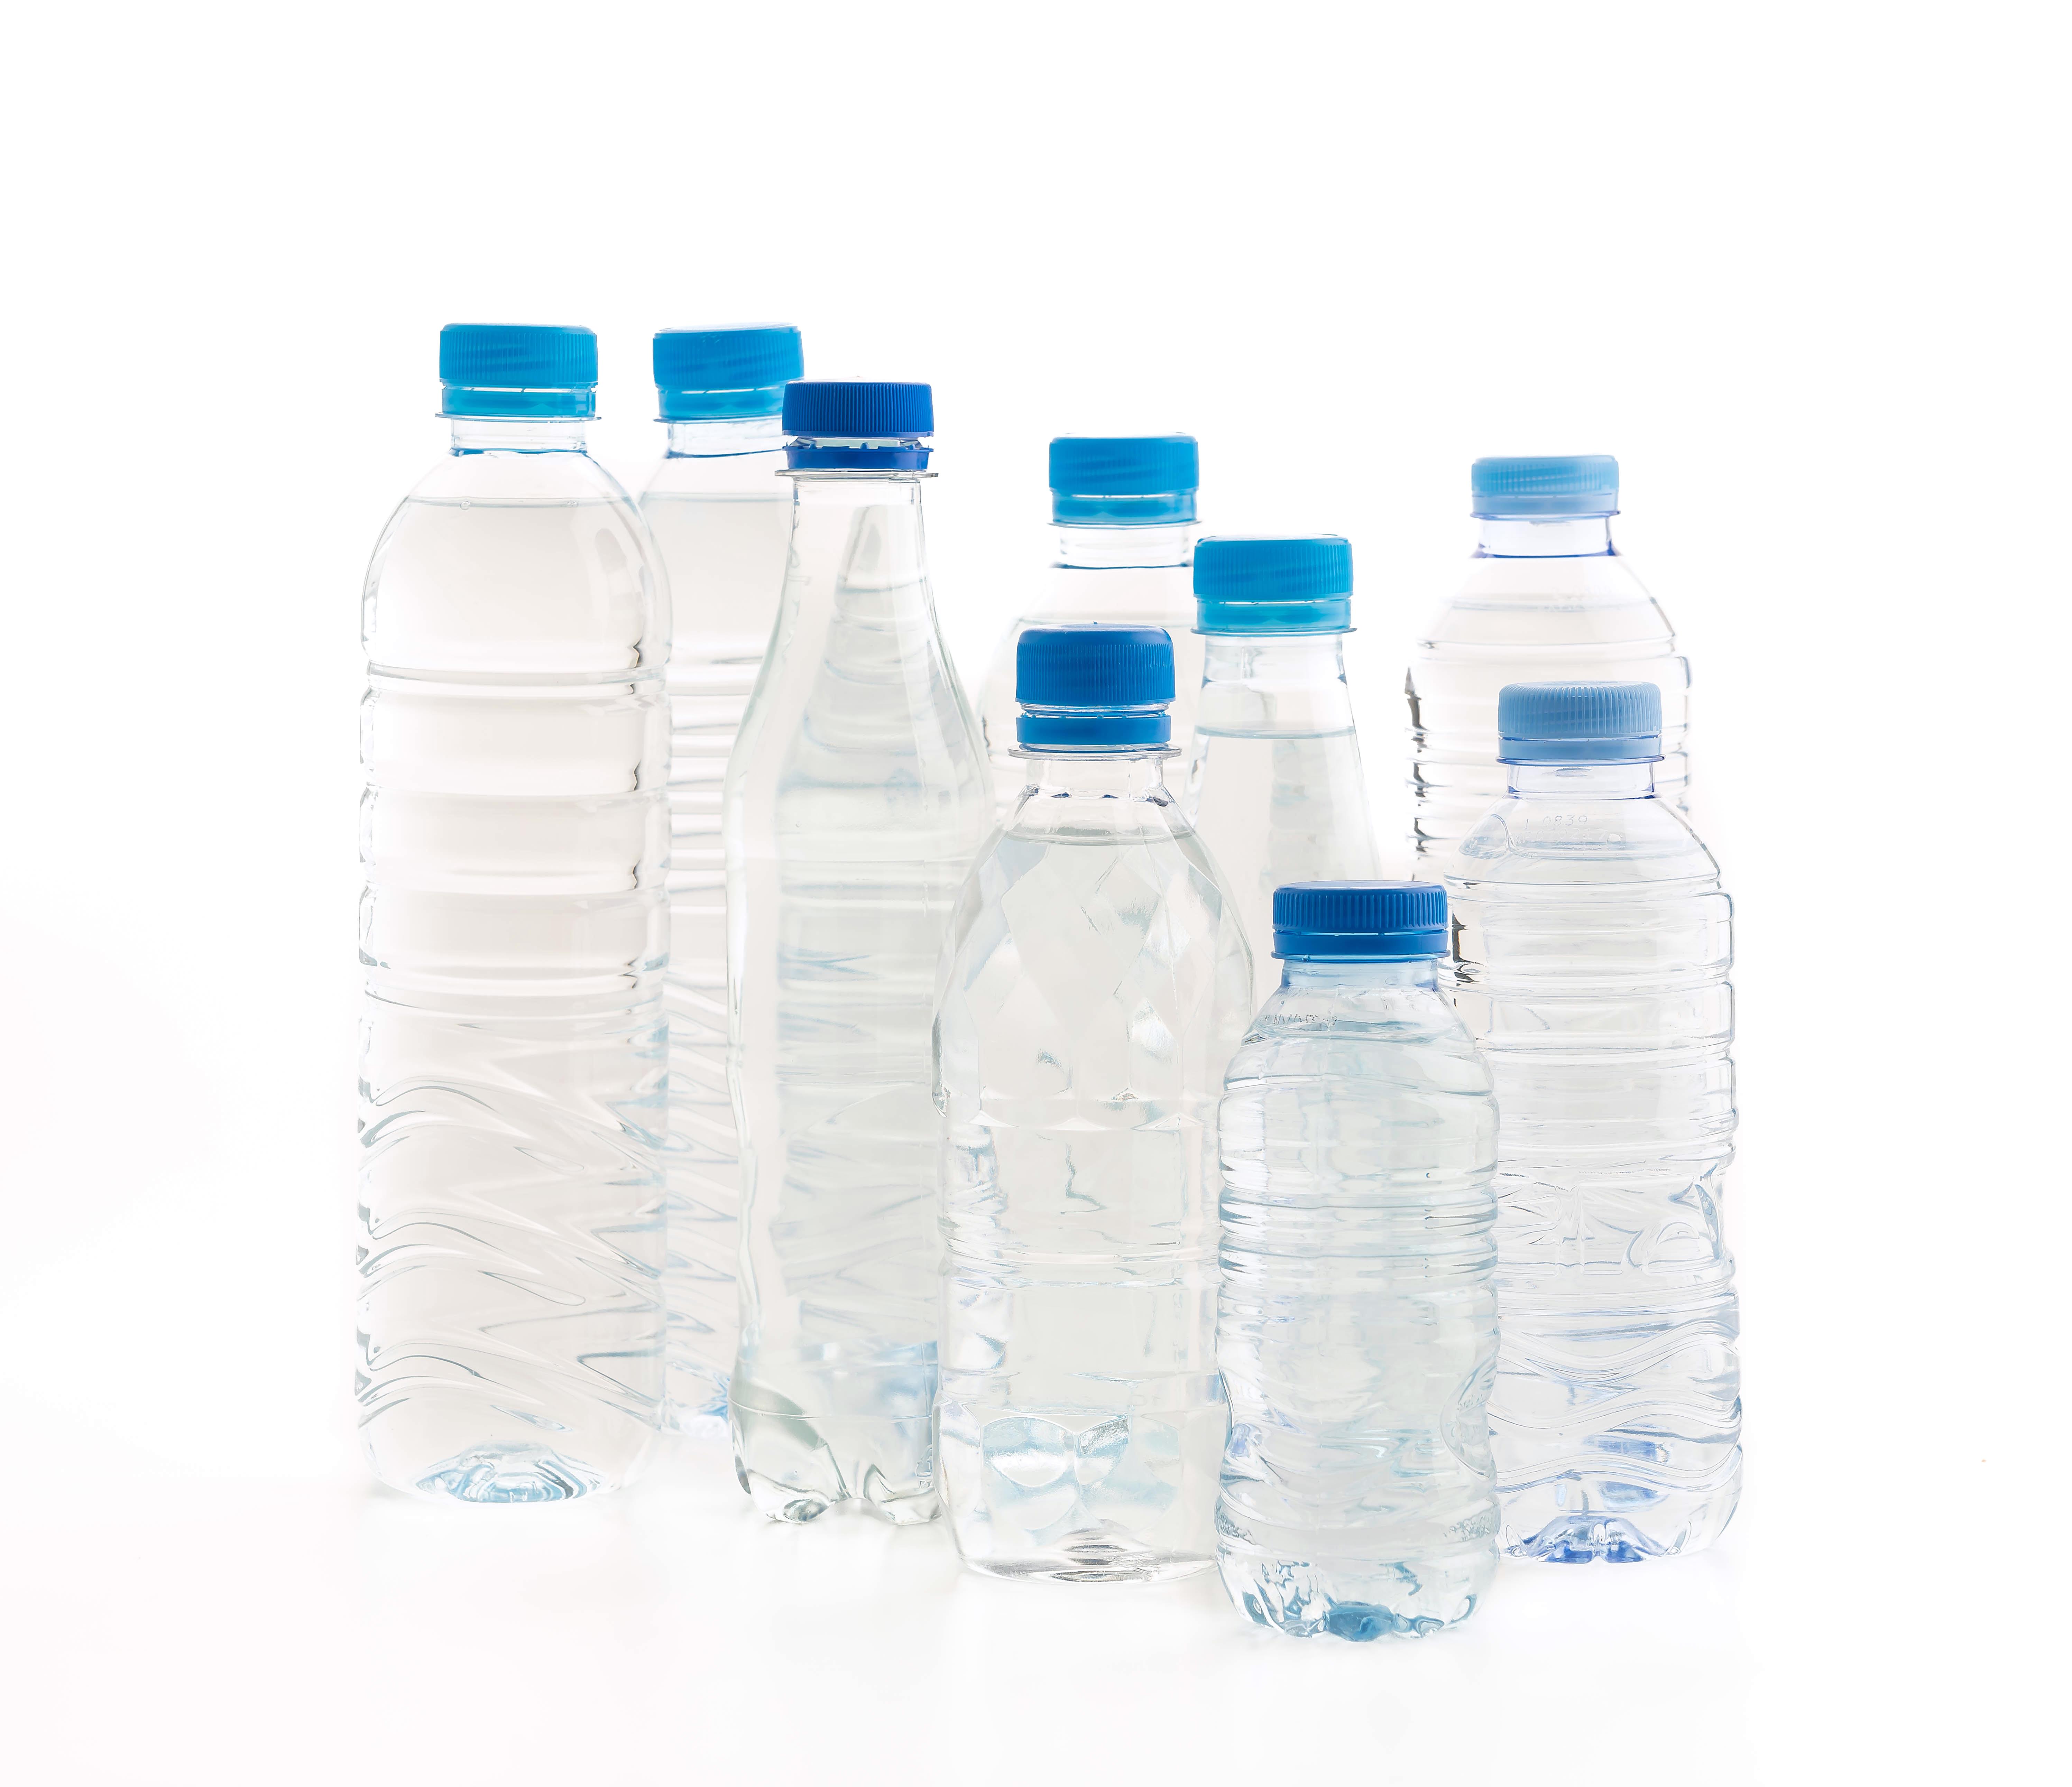 Bebida com gás pode gerar problemas ósseos?